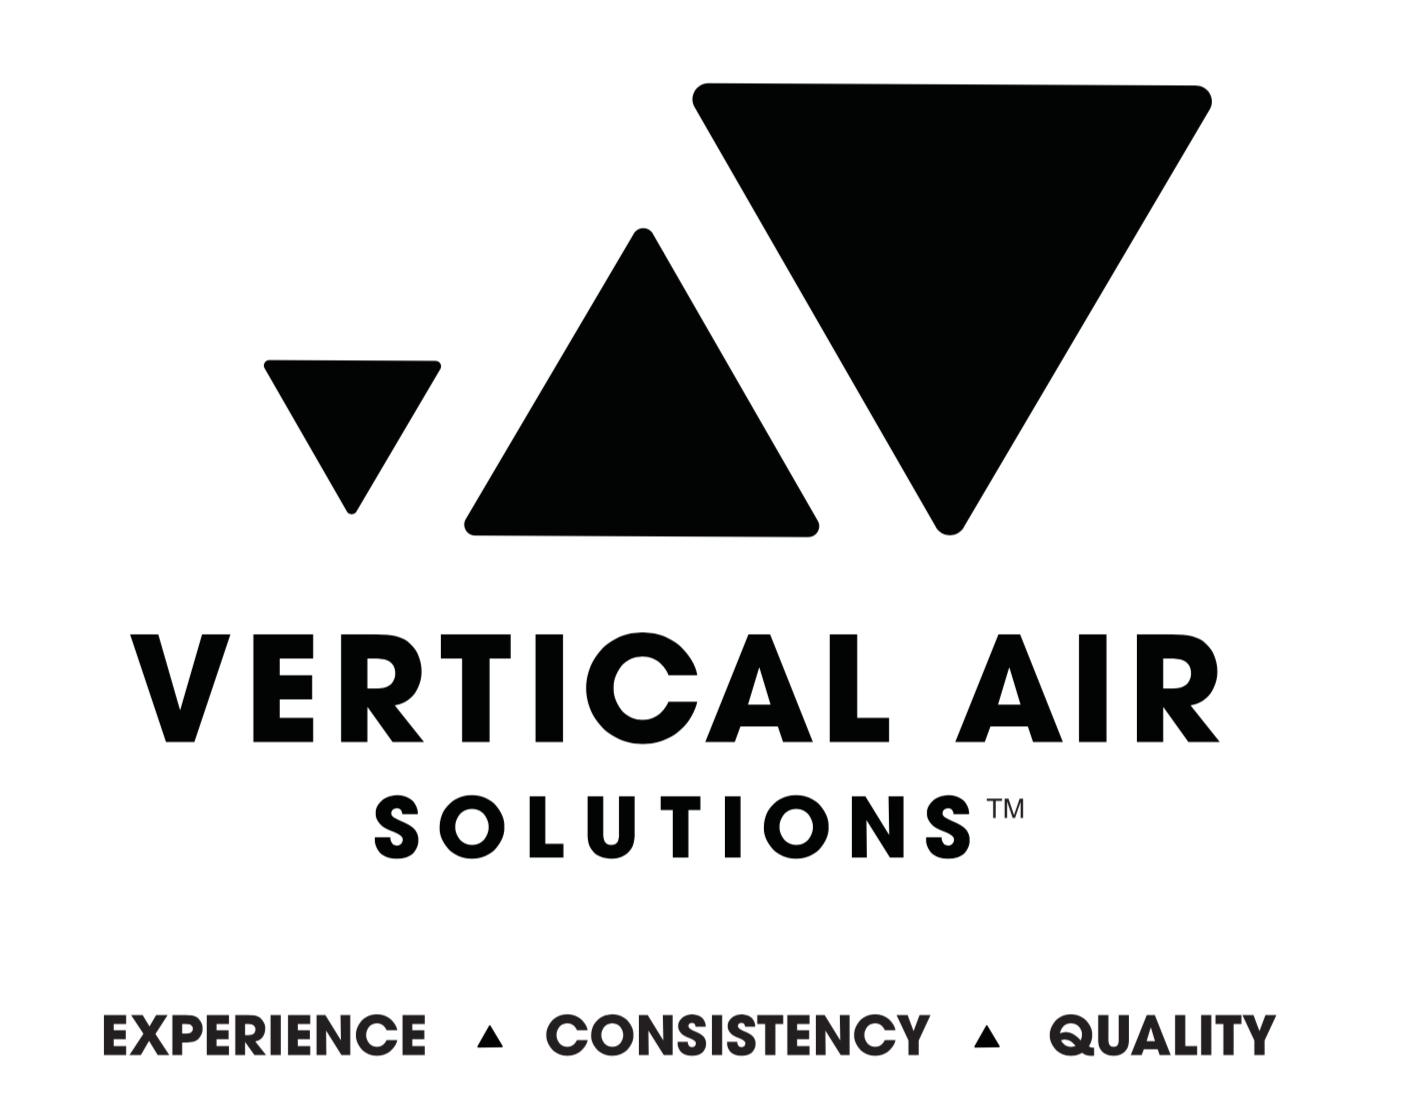 La meilleure circulation d'air pour les fermes verticales intérieures - ExpérienceDans une industrie jeune et tumultueuse, l'expérience compte.Le système de circulation d'air VAS a été développé par les producteurs de cannabis pour les producteurs de cannabis.VAS est une solution éprouvée. Cohérence Le succès d'une marque repose sur la cohérence du produit.La consistance du produit résulte de la cohérence de l'environnement, notamment de la température, de l'humidité et des niveaux de CO2.Seul le système de circulation d'air Vertical Air Solutions, en instance de brevet, garantit cette cohérence. Qualité L'absence de moisissure augmentera votre rendement, et donc vos profits.Un débit d'air constant, mesuré et filtré, éventuellement associé à un système intégré de stérilisation à l'air par UVC, réduira considérablement le nombre de moisissures (« white powdery mildew ») et autres pathogènes.